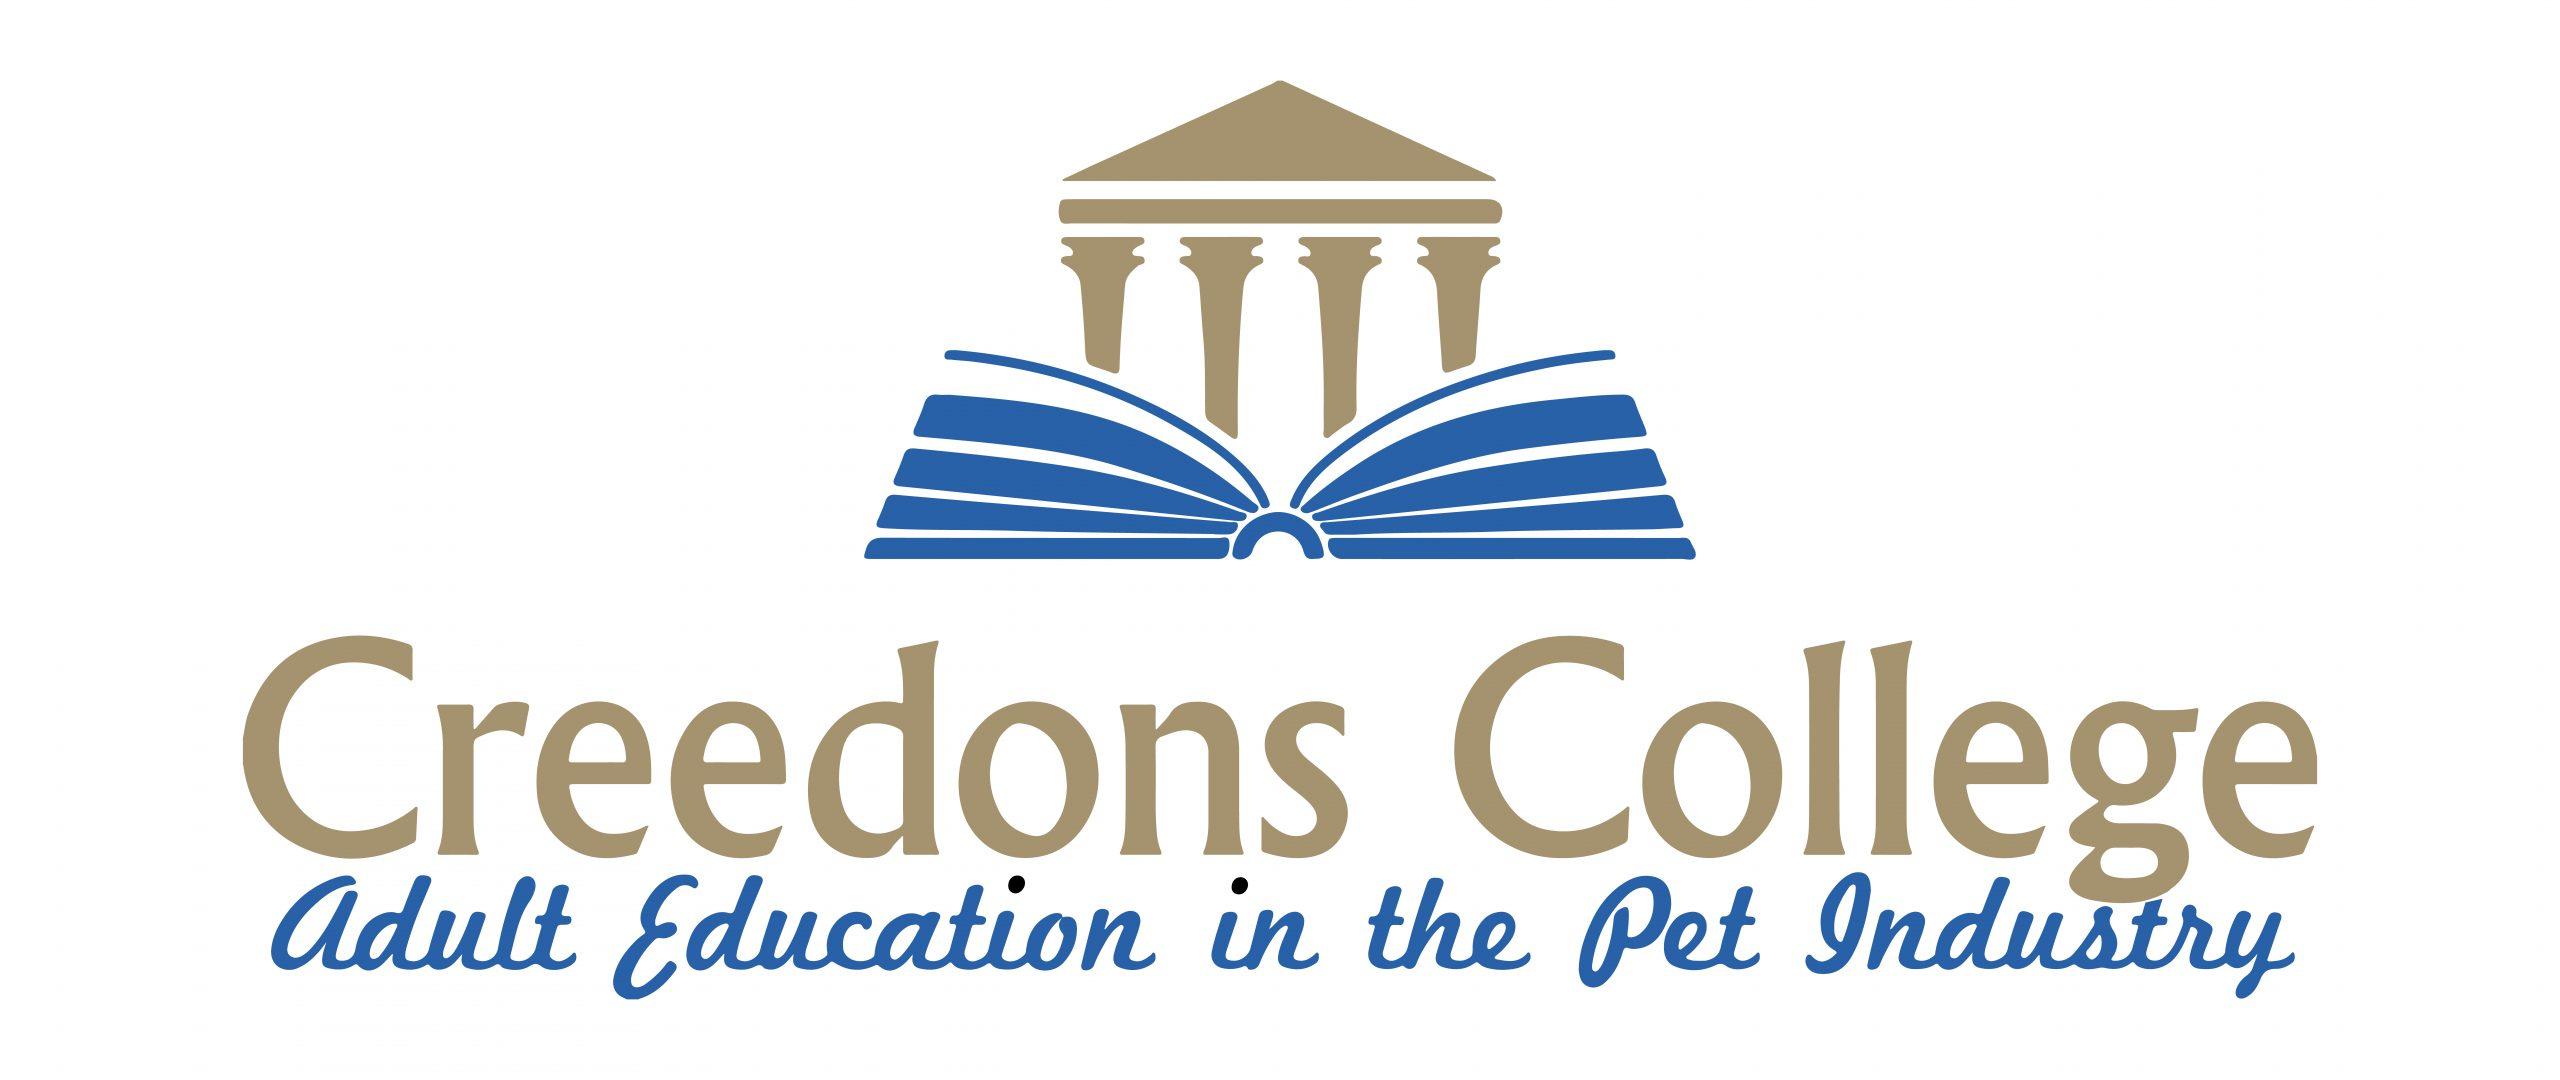 Creedons College